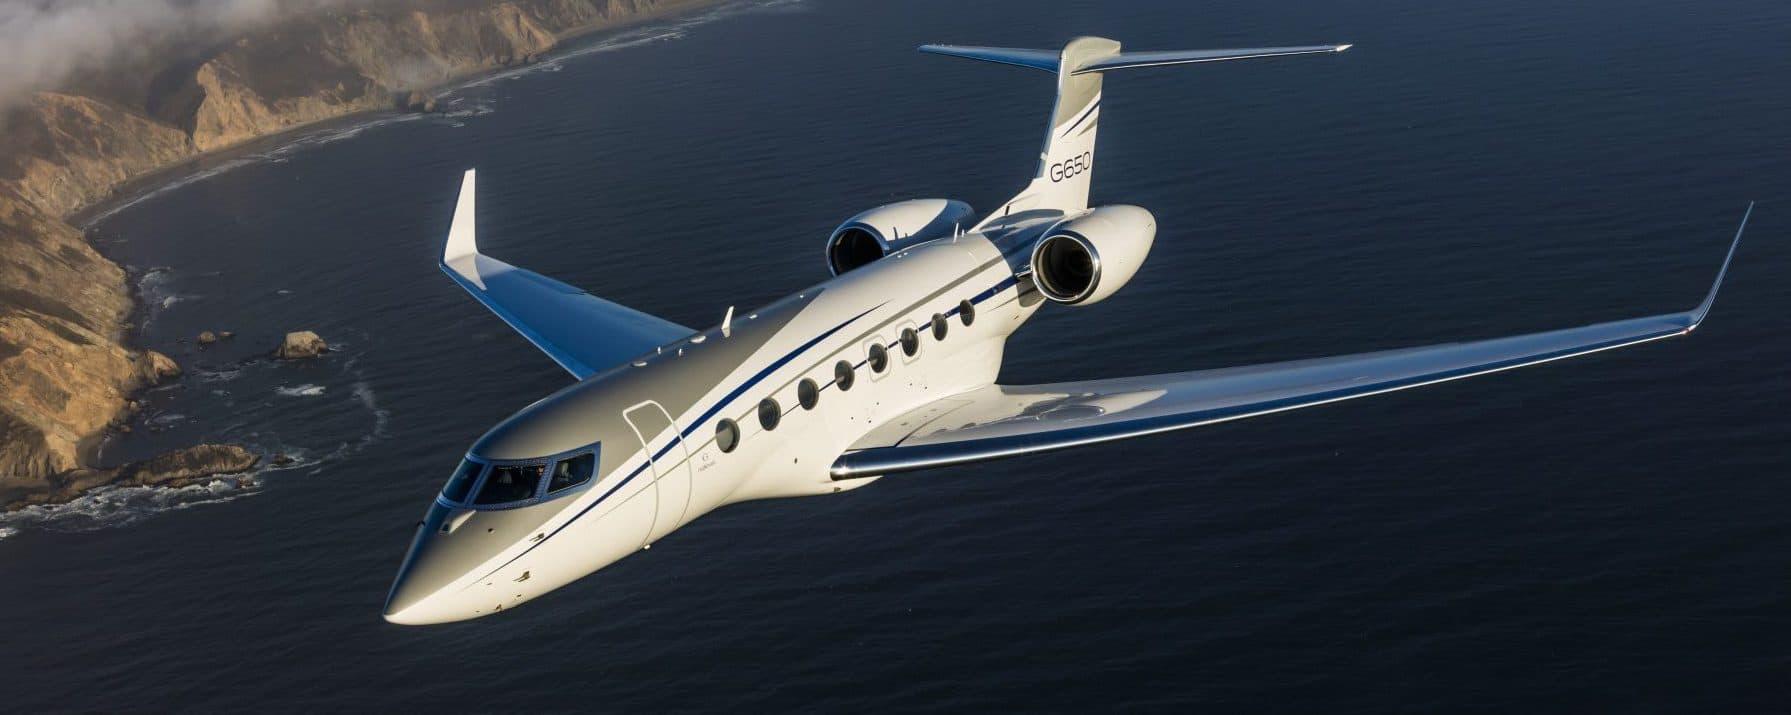 Gulfstream G650ER aircraft management